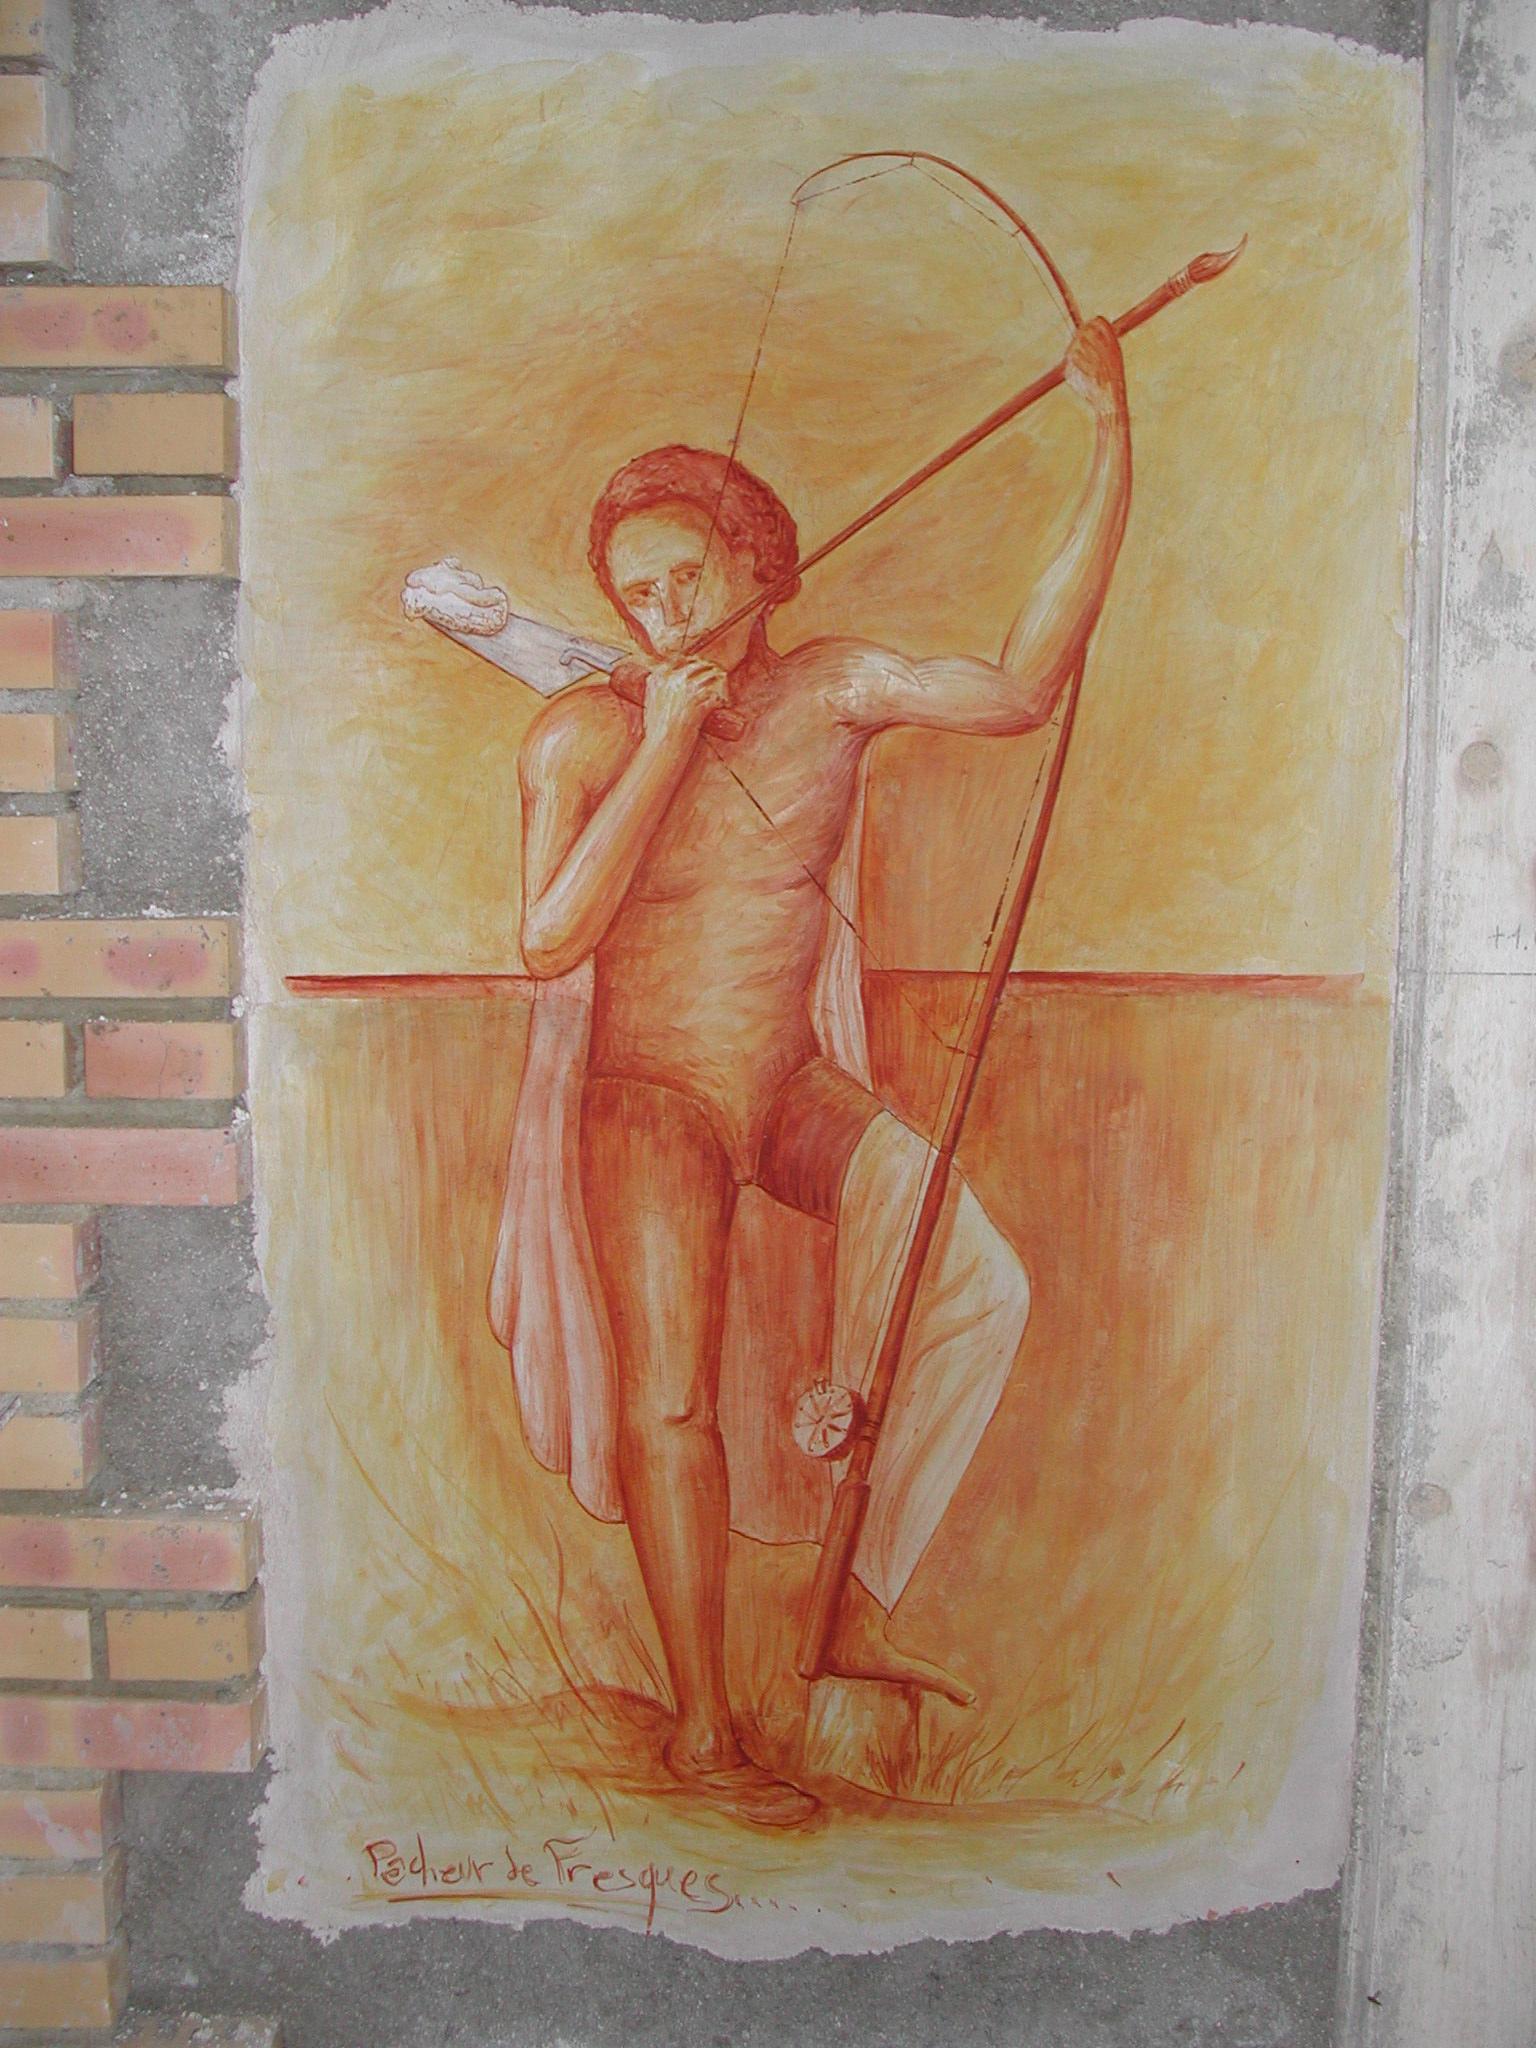 Pêcheur de fresques